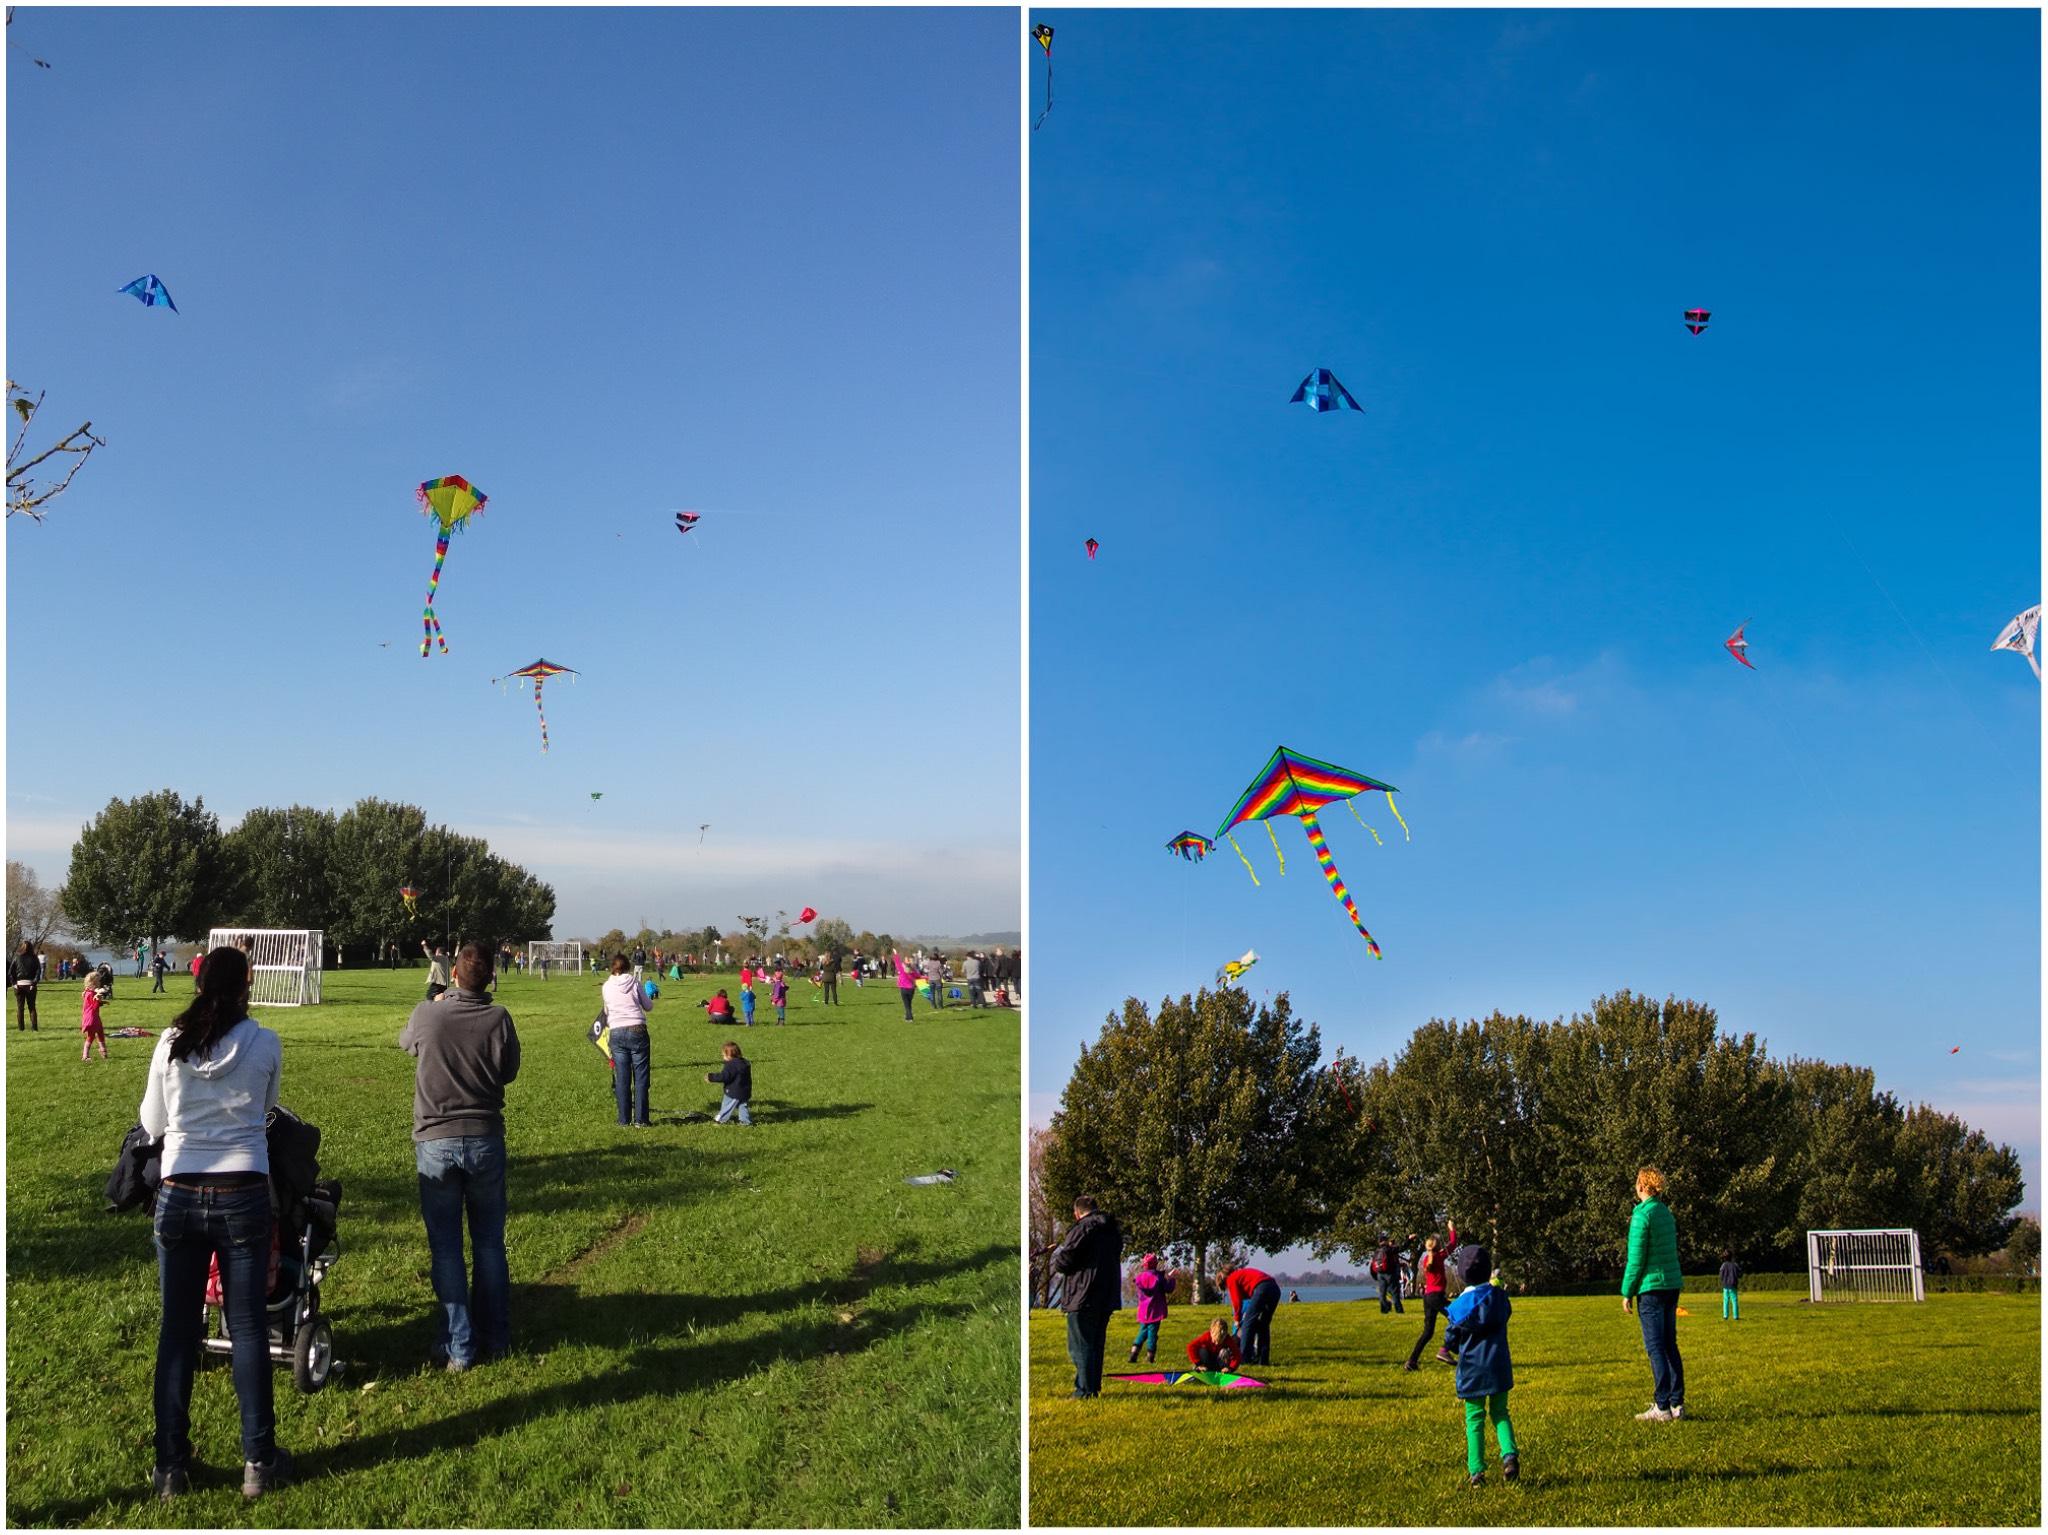 Die Drachen dürfen laut Genehmigung bis zu 500 Meter in die Lüfte steigen. Foto: Zweckverband Altmühlsee